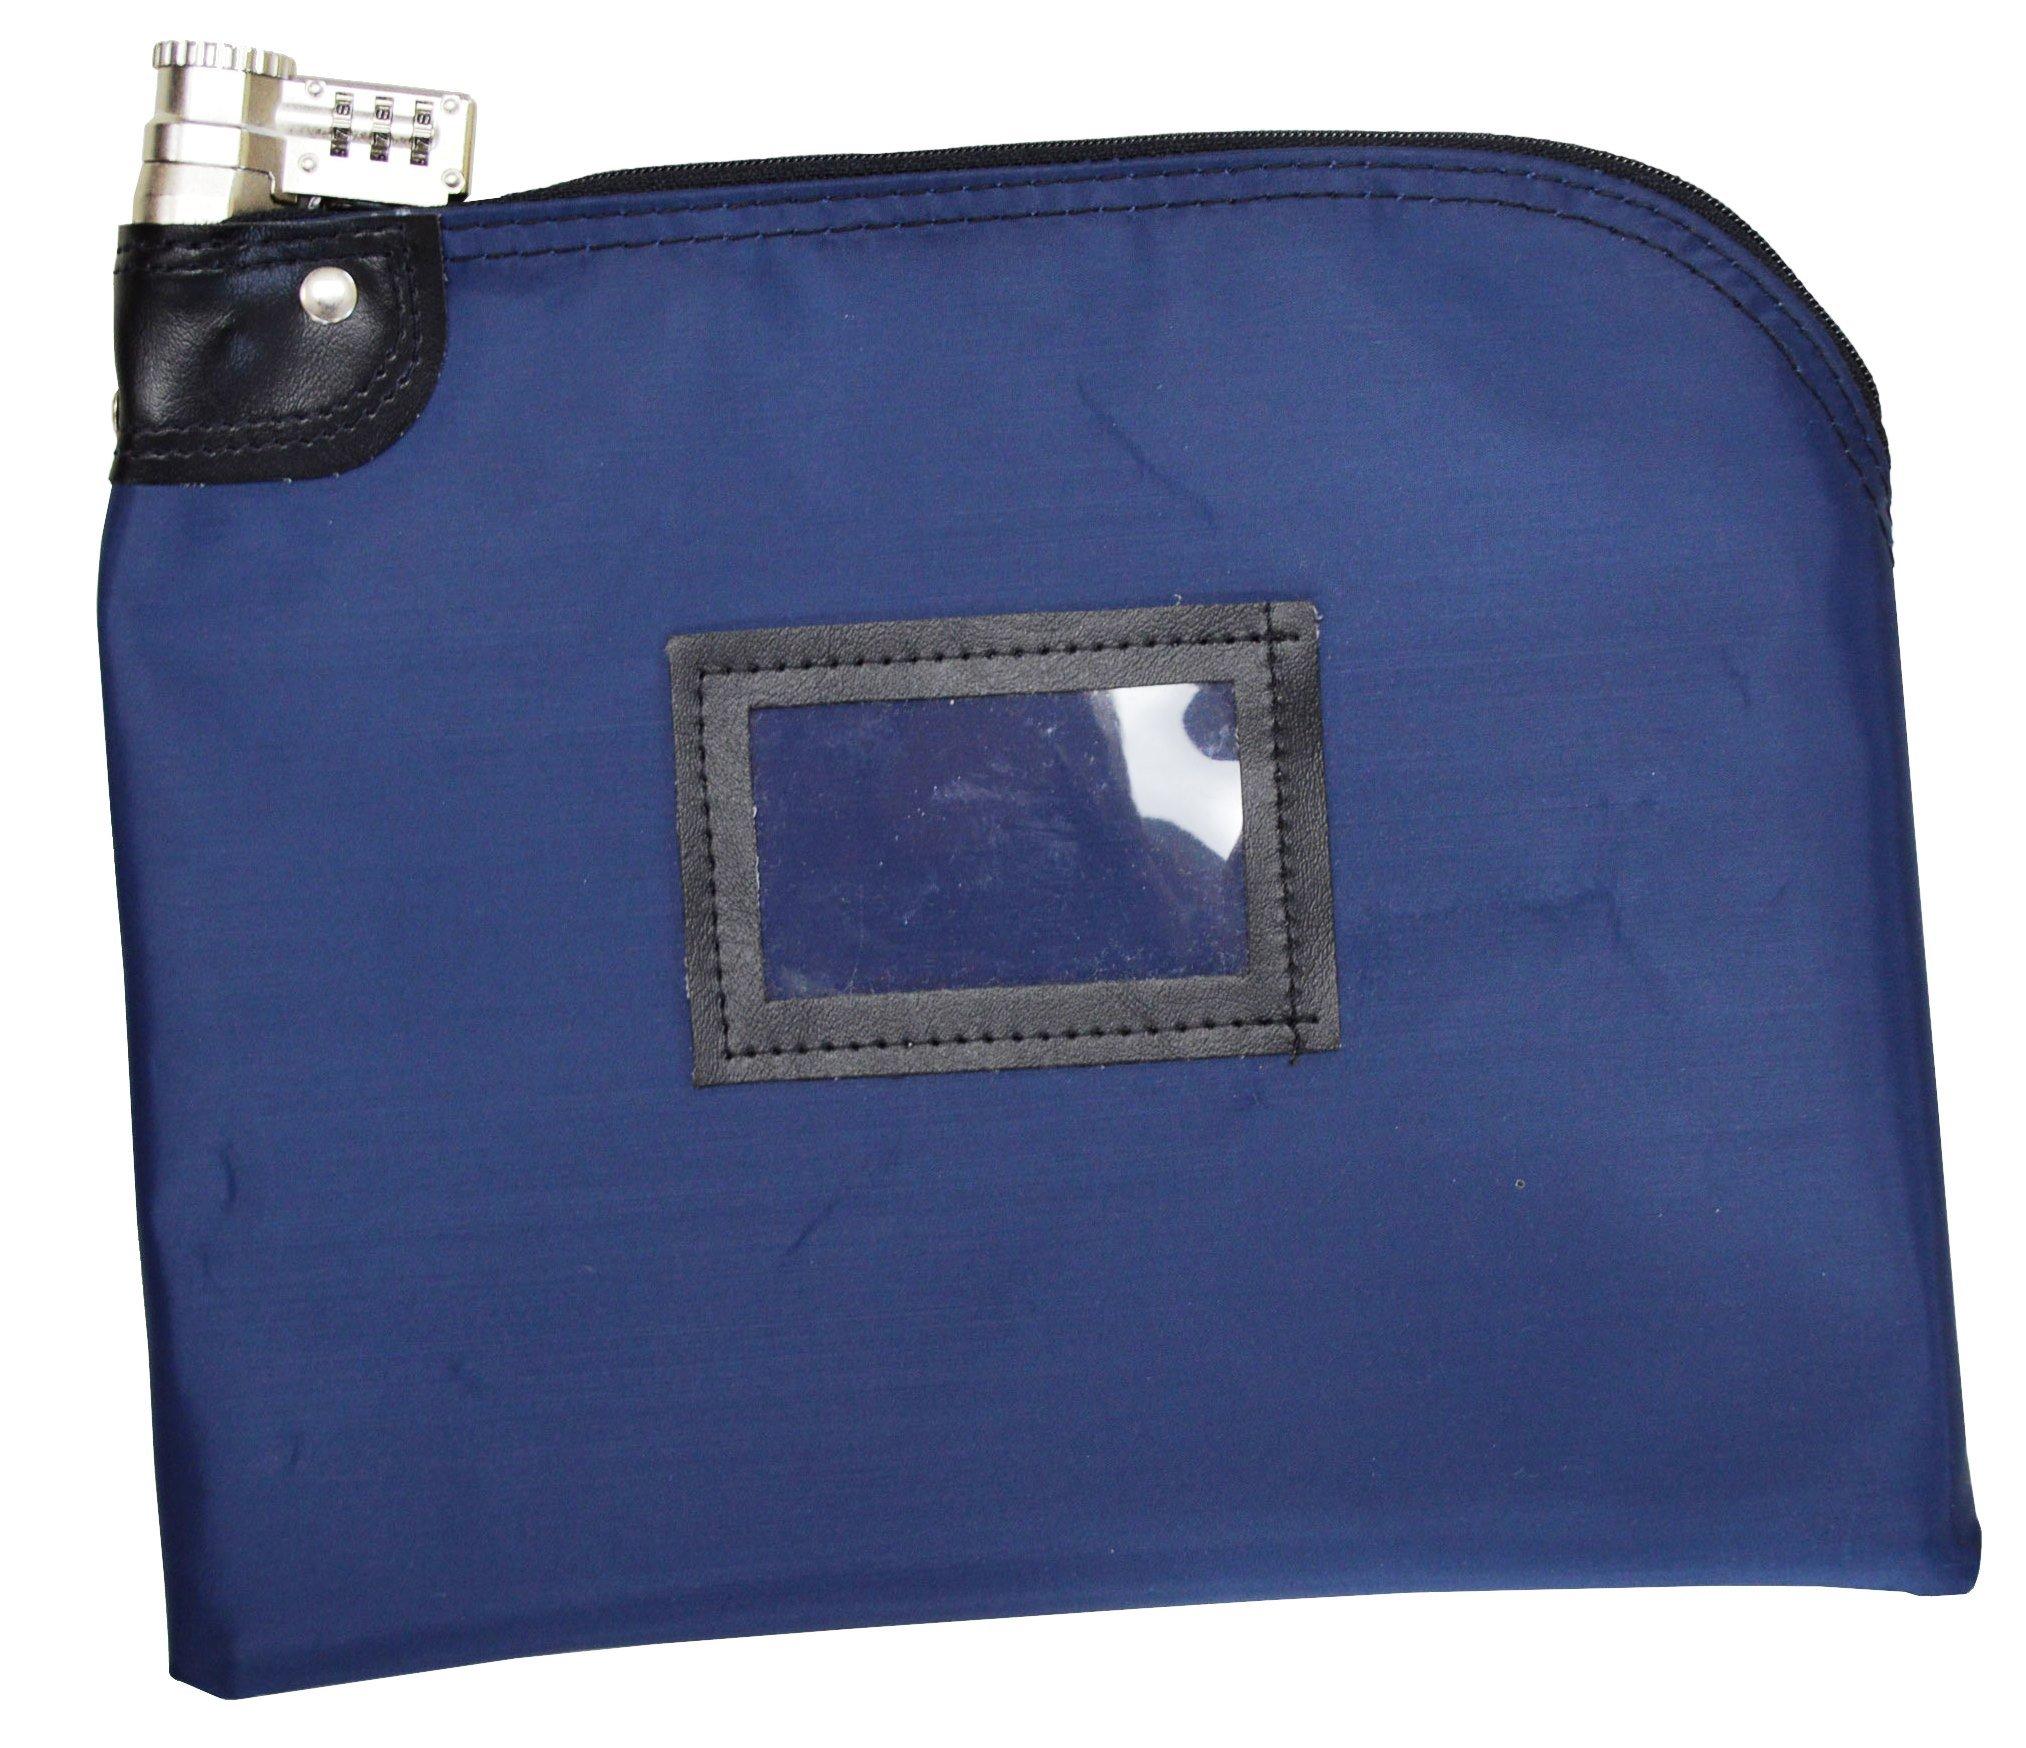 Locking Bank Bag Laminated Nylon Combination Keyed Security System Navy Blue